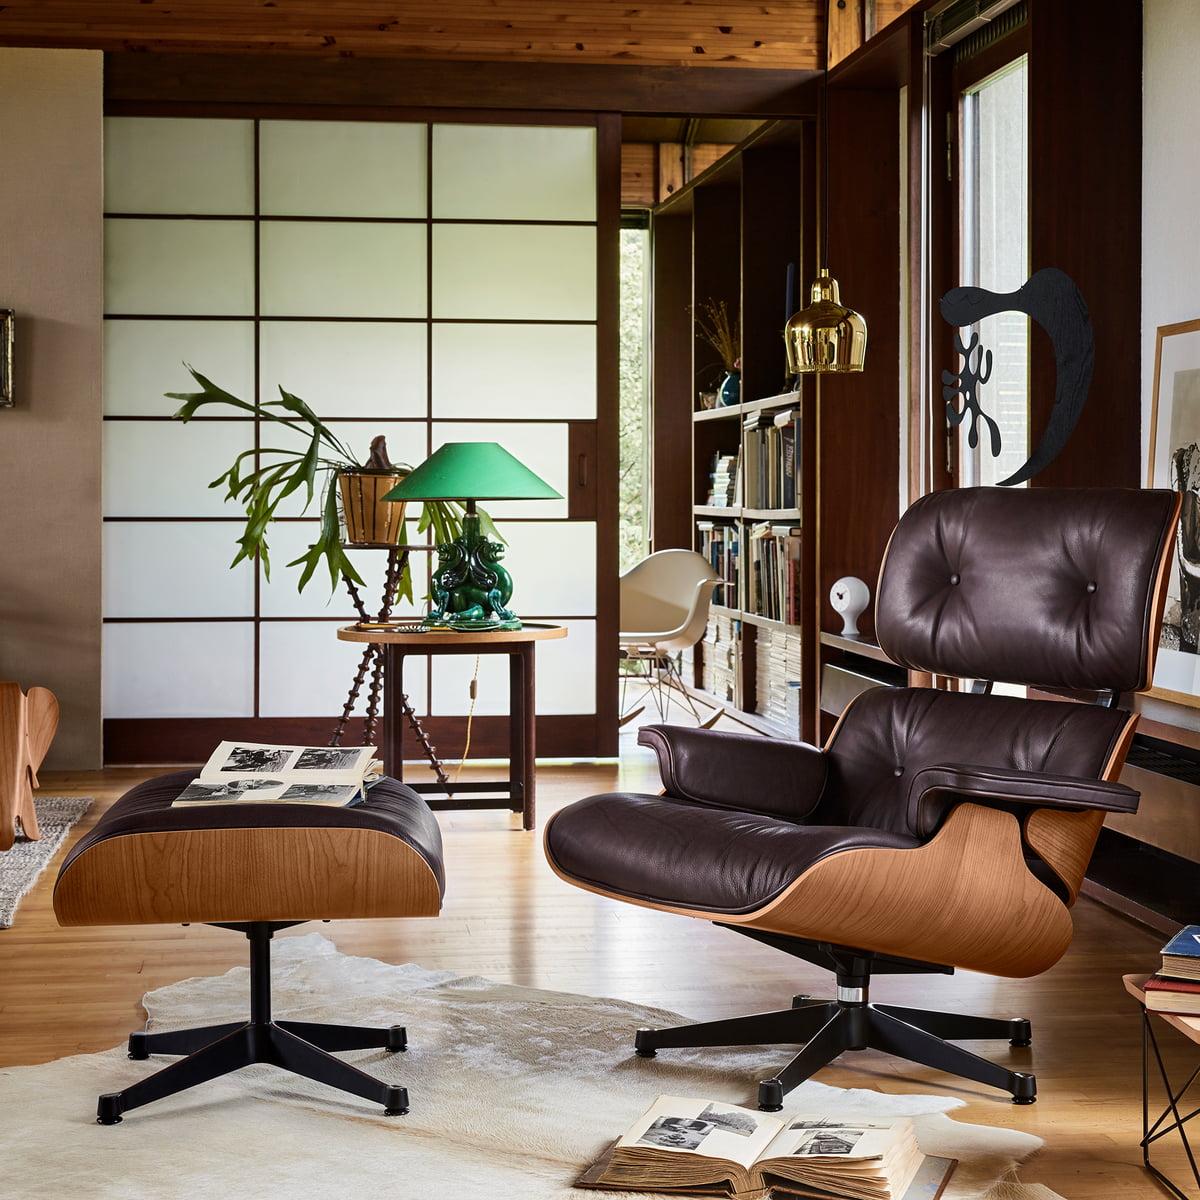 Vitra   Lounge Chair U0026 Ottoman, Poliert / Seiten Schwarz, Amerik.  Kirschbaum /